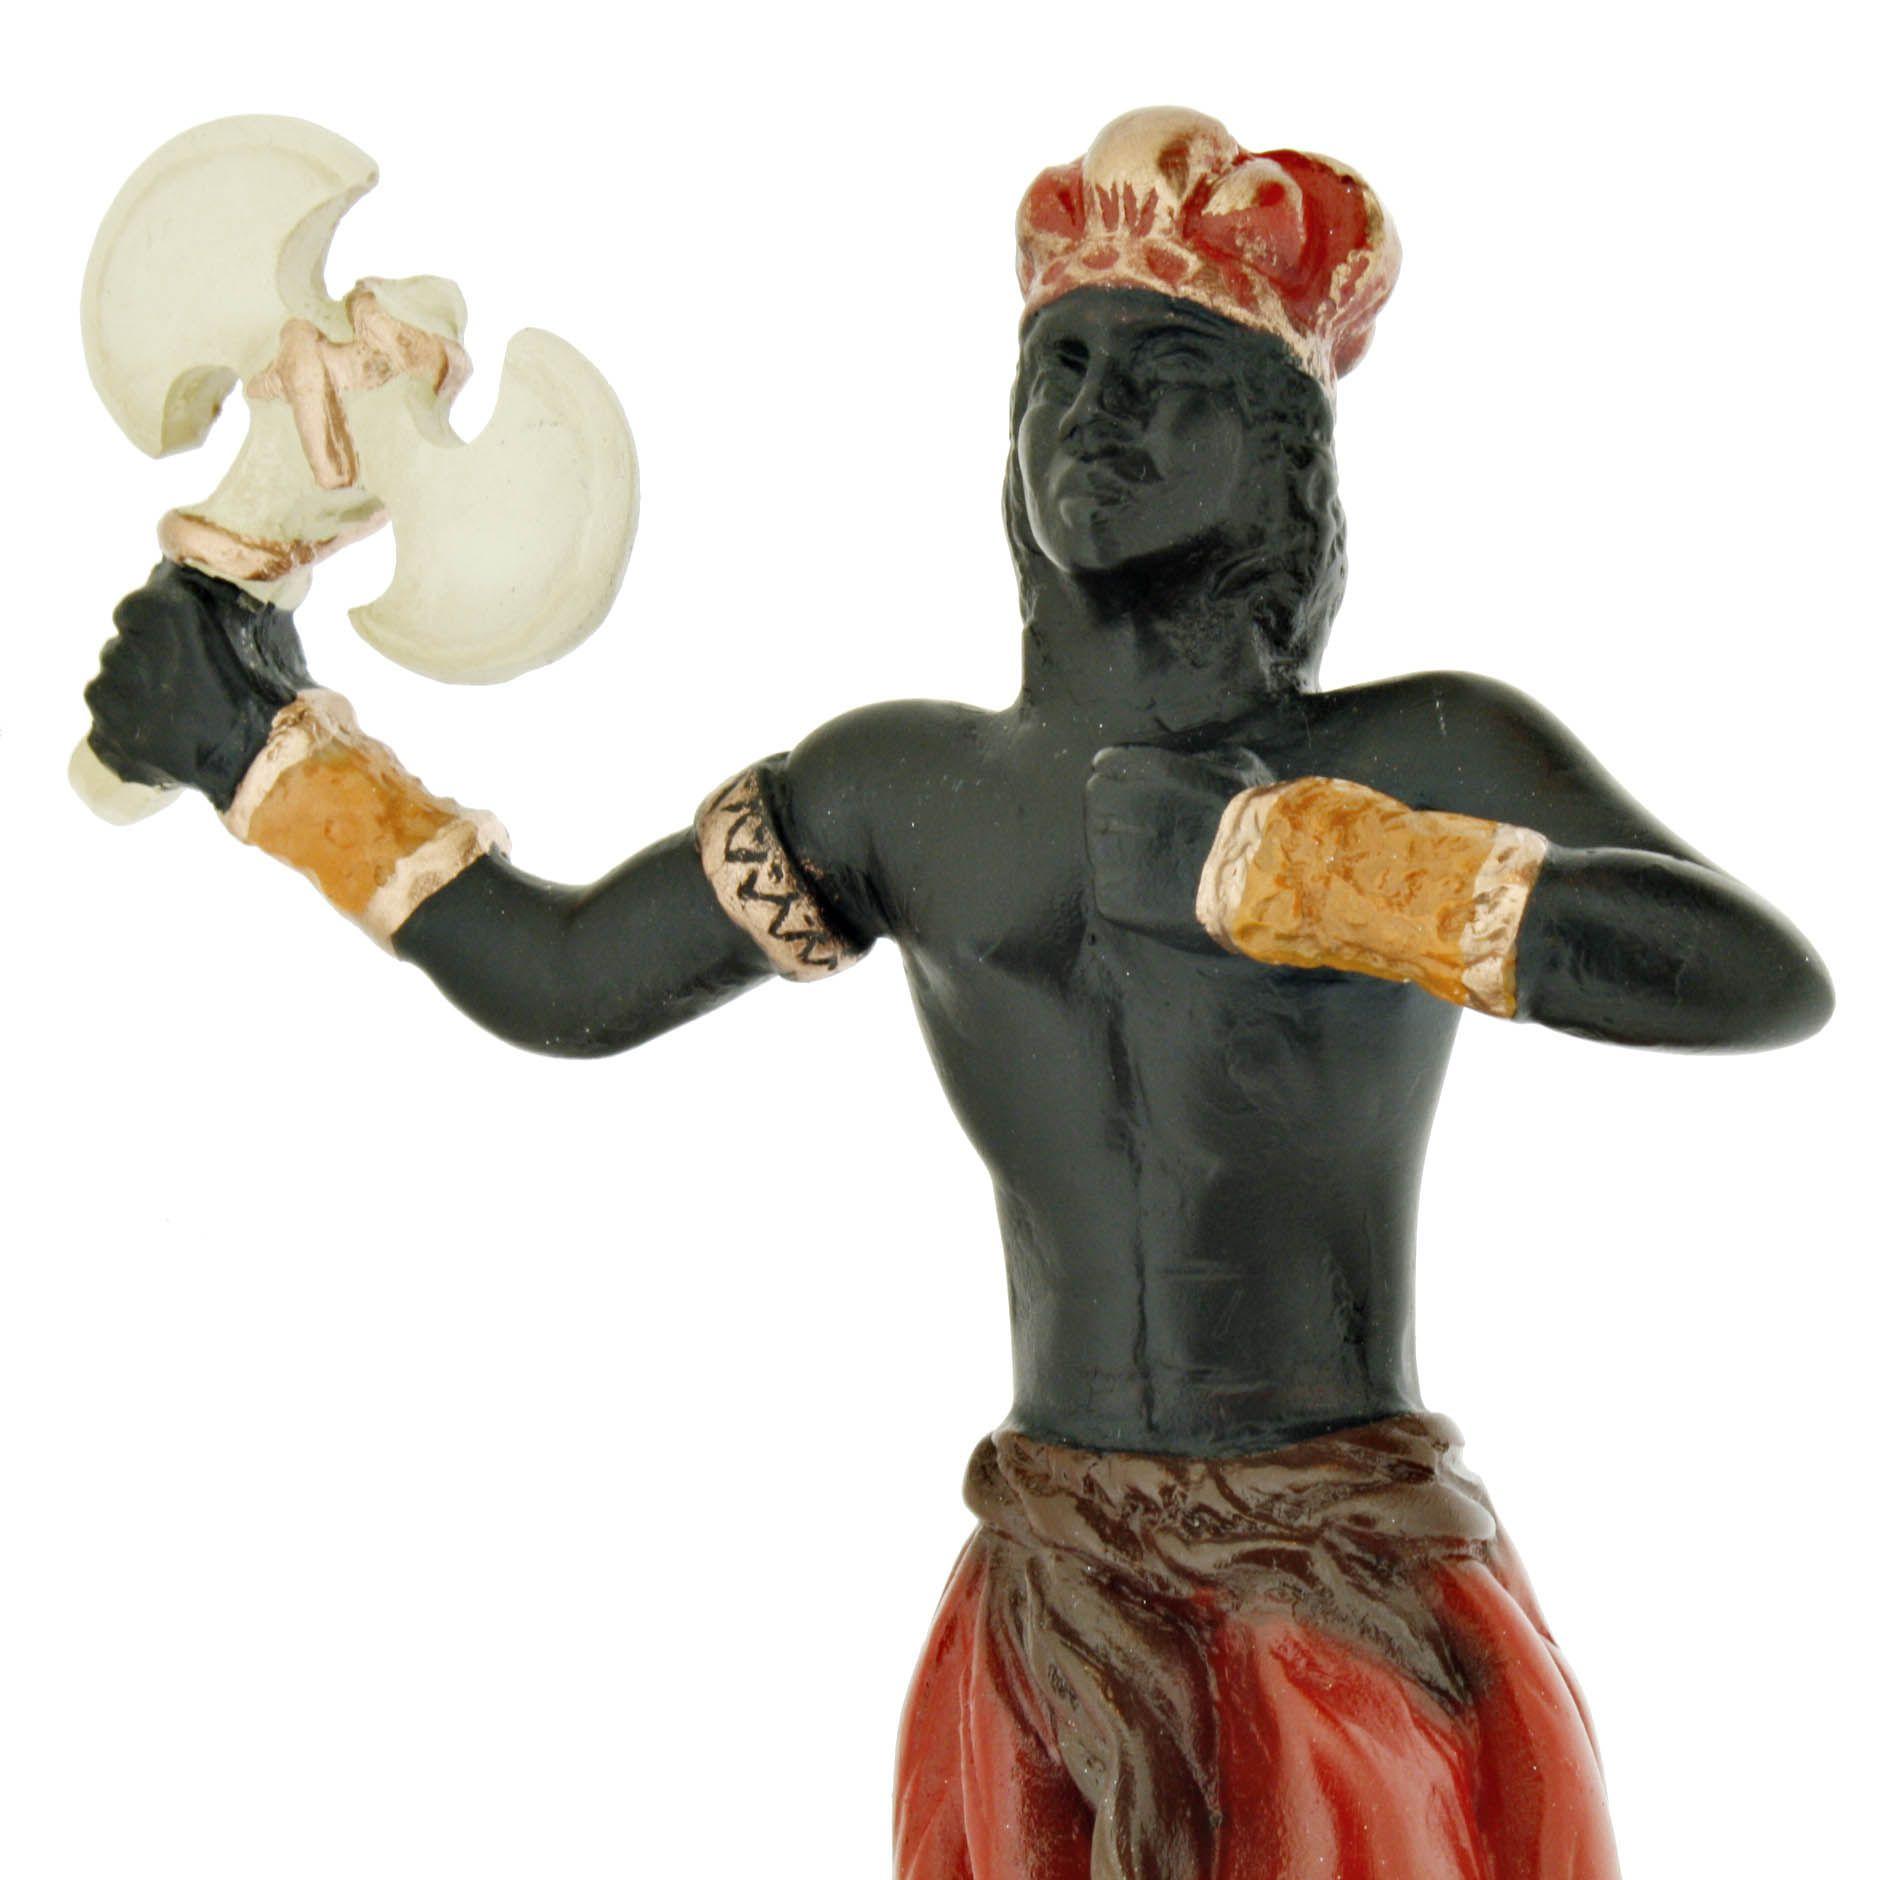 Imagem Orixá - Xangô - 15cm  - Universo Religioso® - Artigos de Umbanda e Candomblé